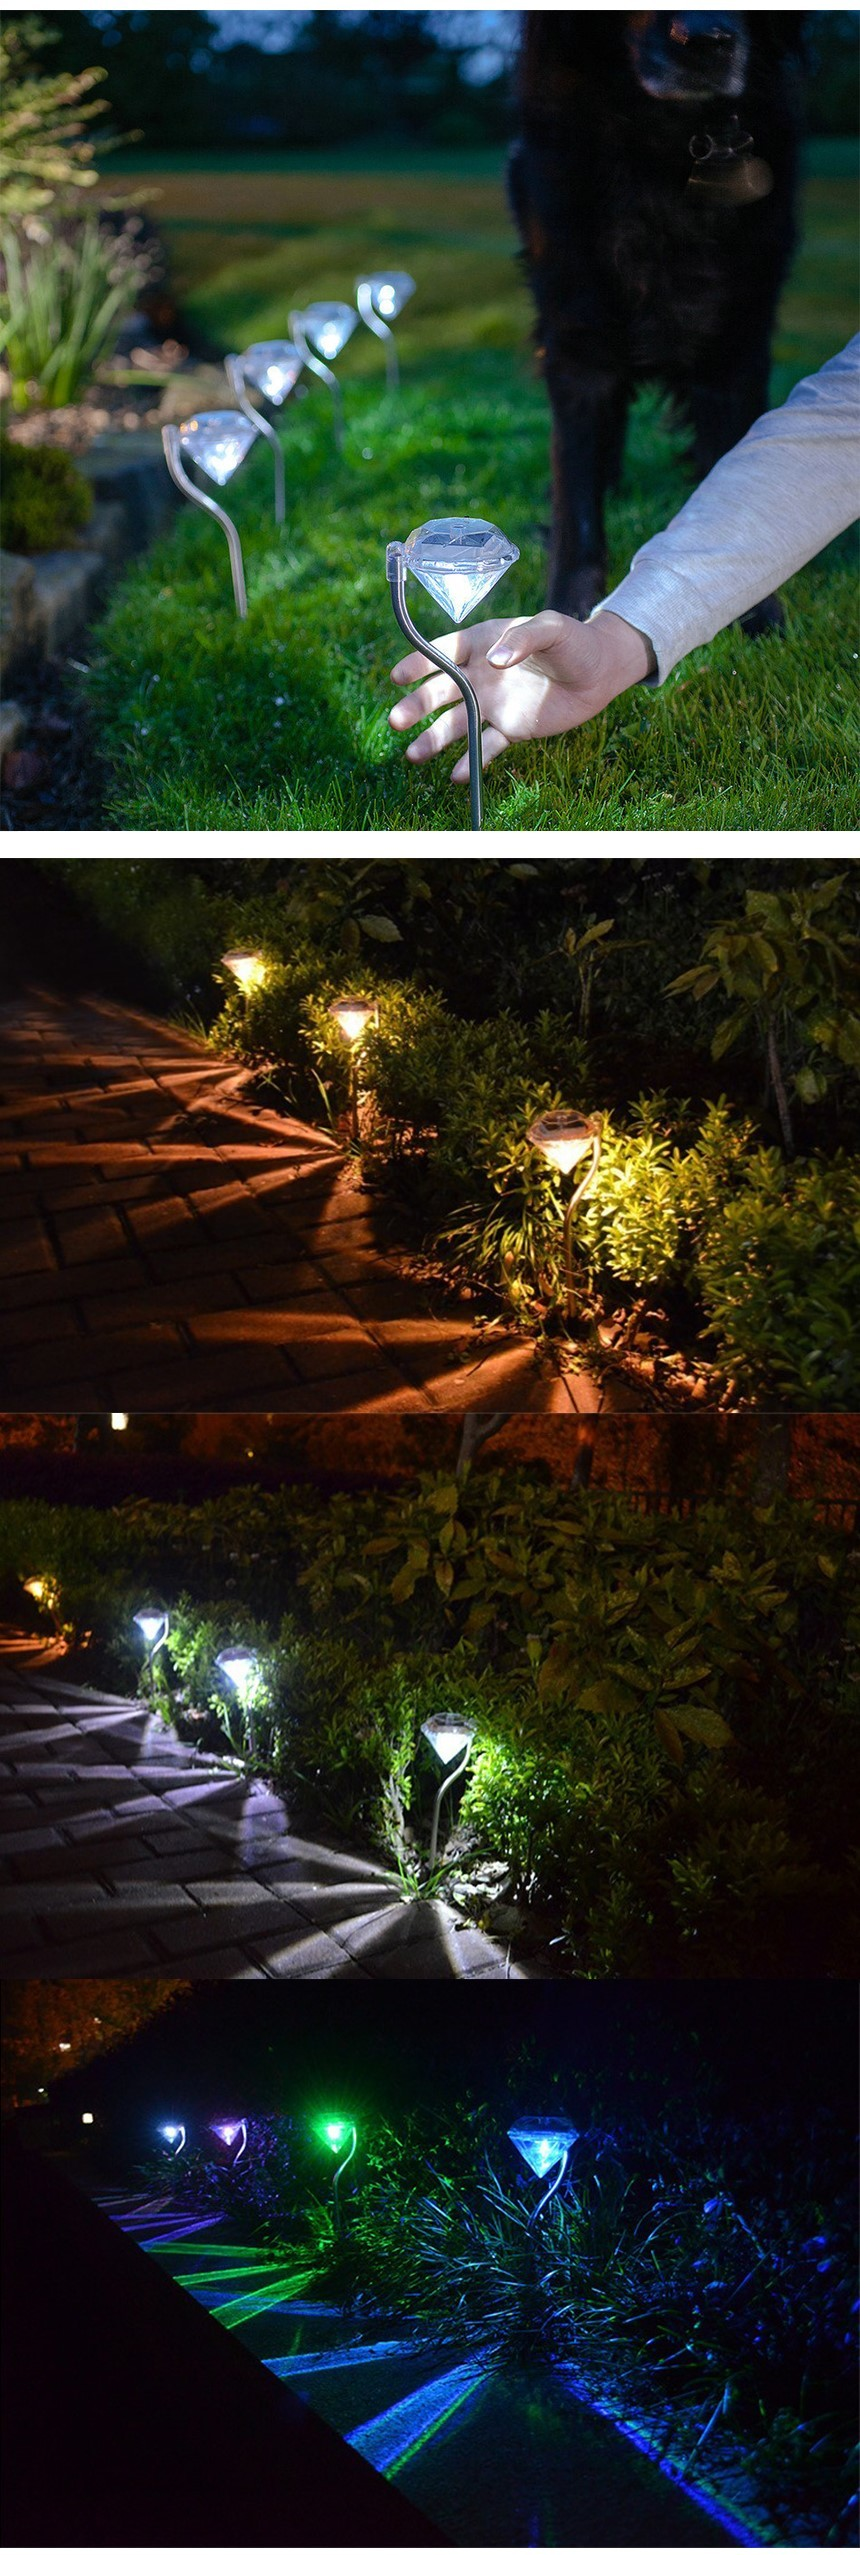 LED 태양광 조명 무드 정원등 - 제이케이엠티알, 3,900원, 리빙조명, 야외조명